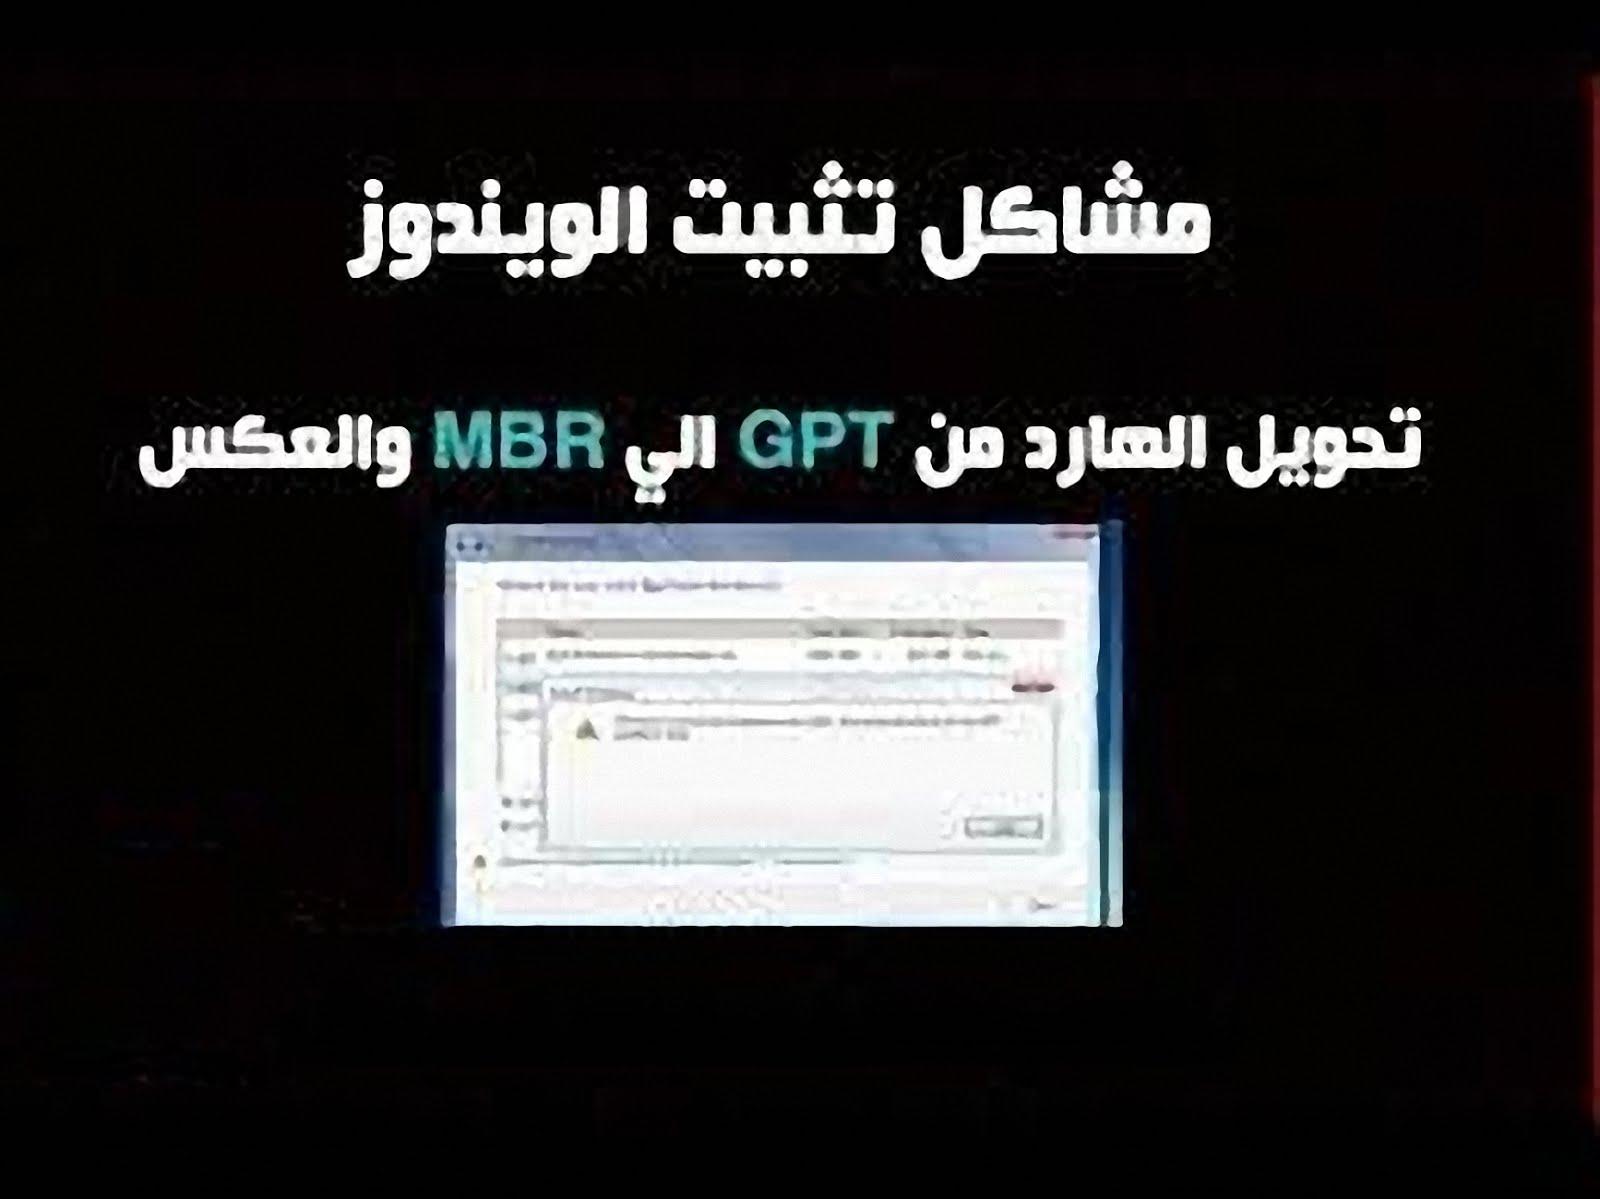 شرح طريقة تحويل الهارد من Gpt الى Mbr بي Minitoolpartition